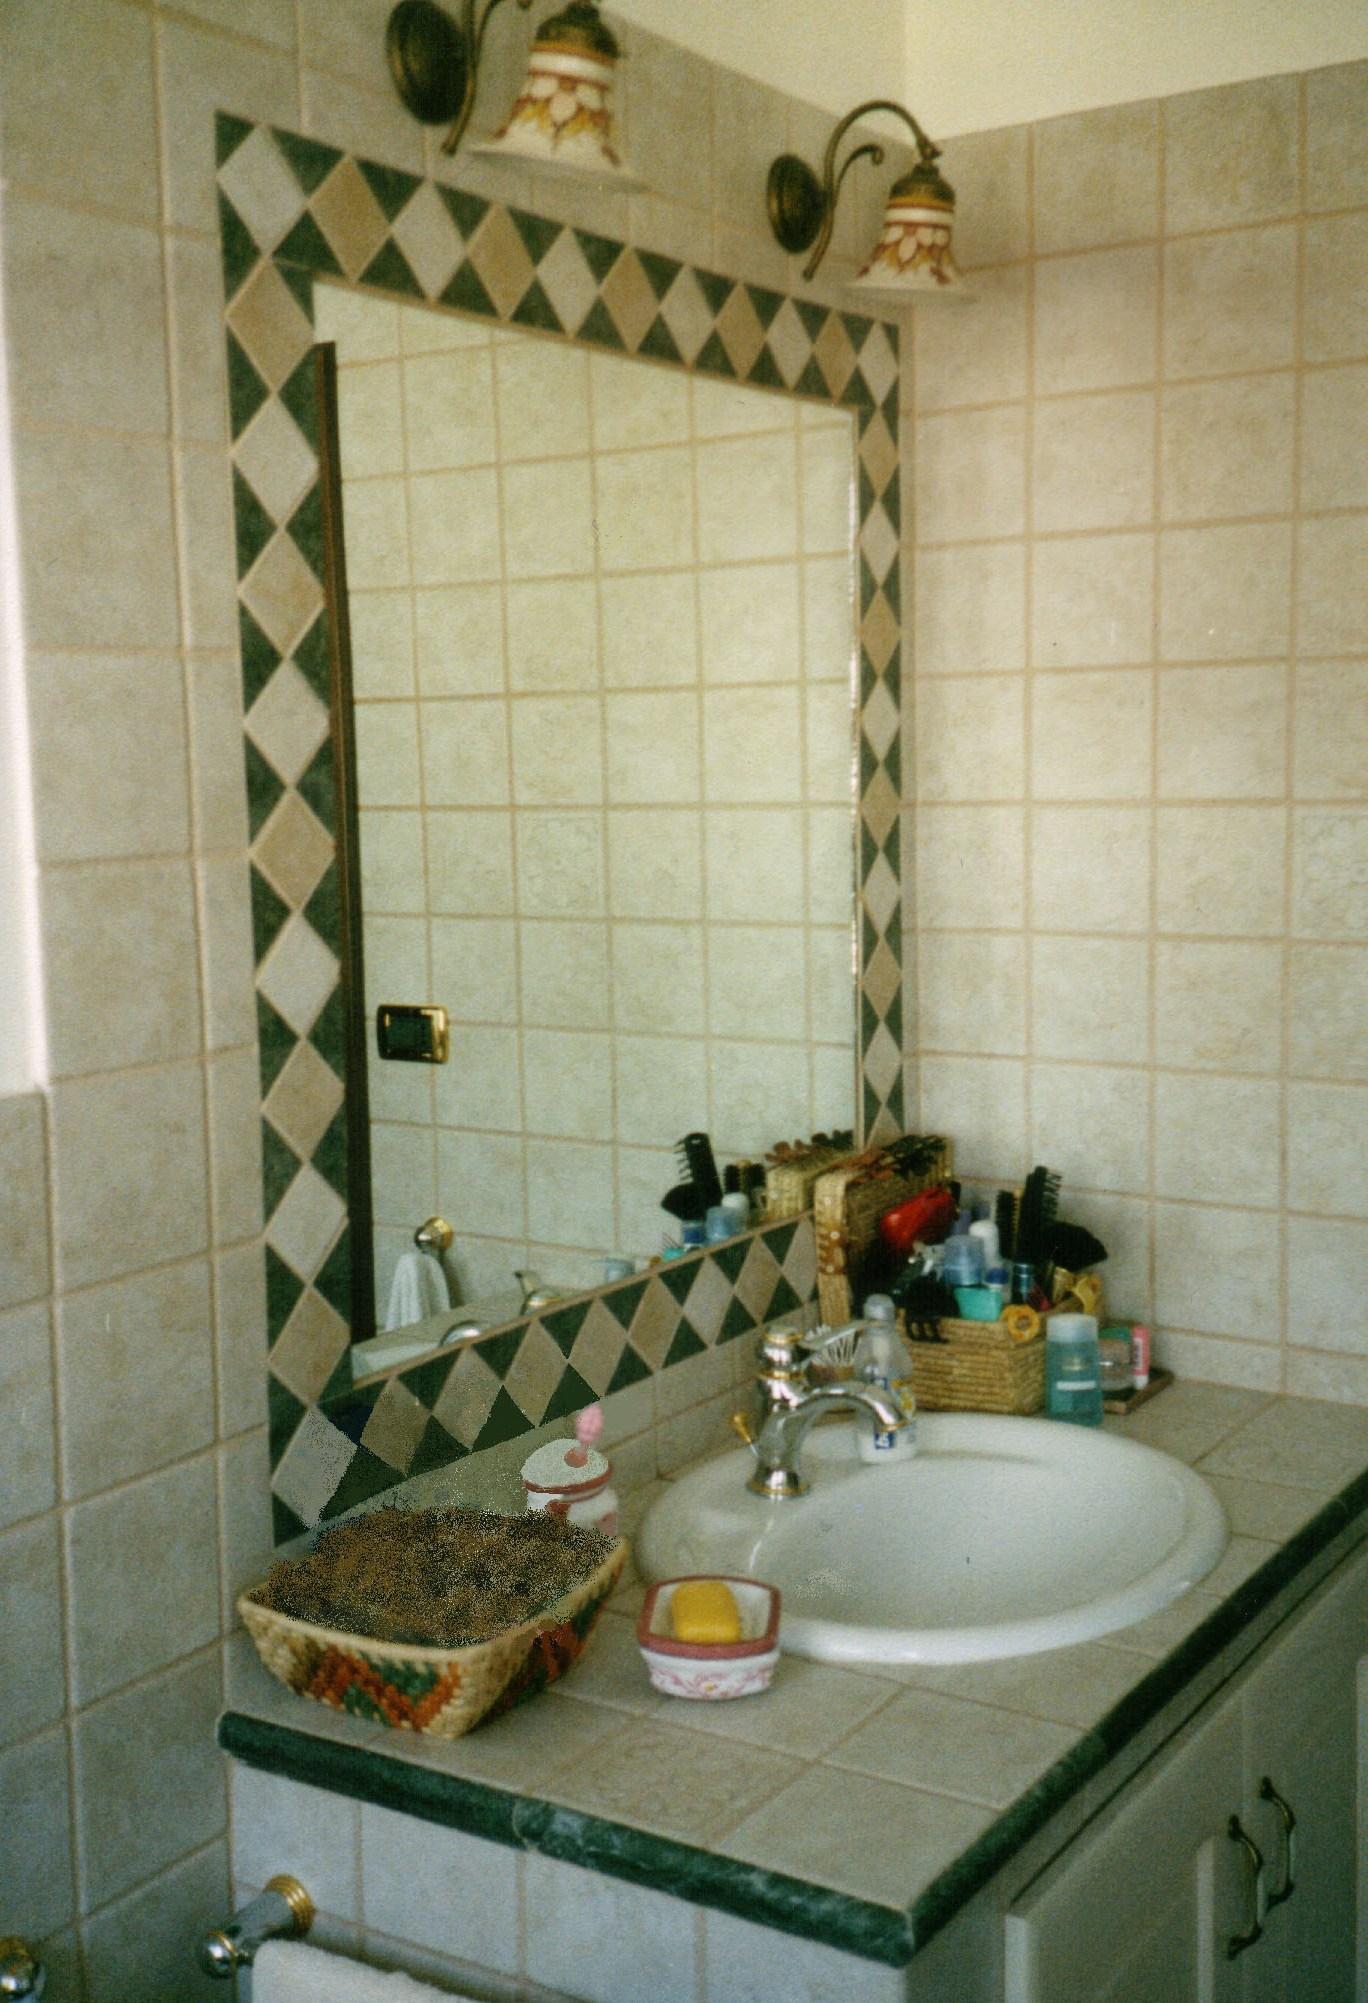 Specchio bagno incassato nelle piastrelle jj98 - Specchio in bagno ...